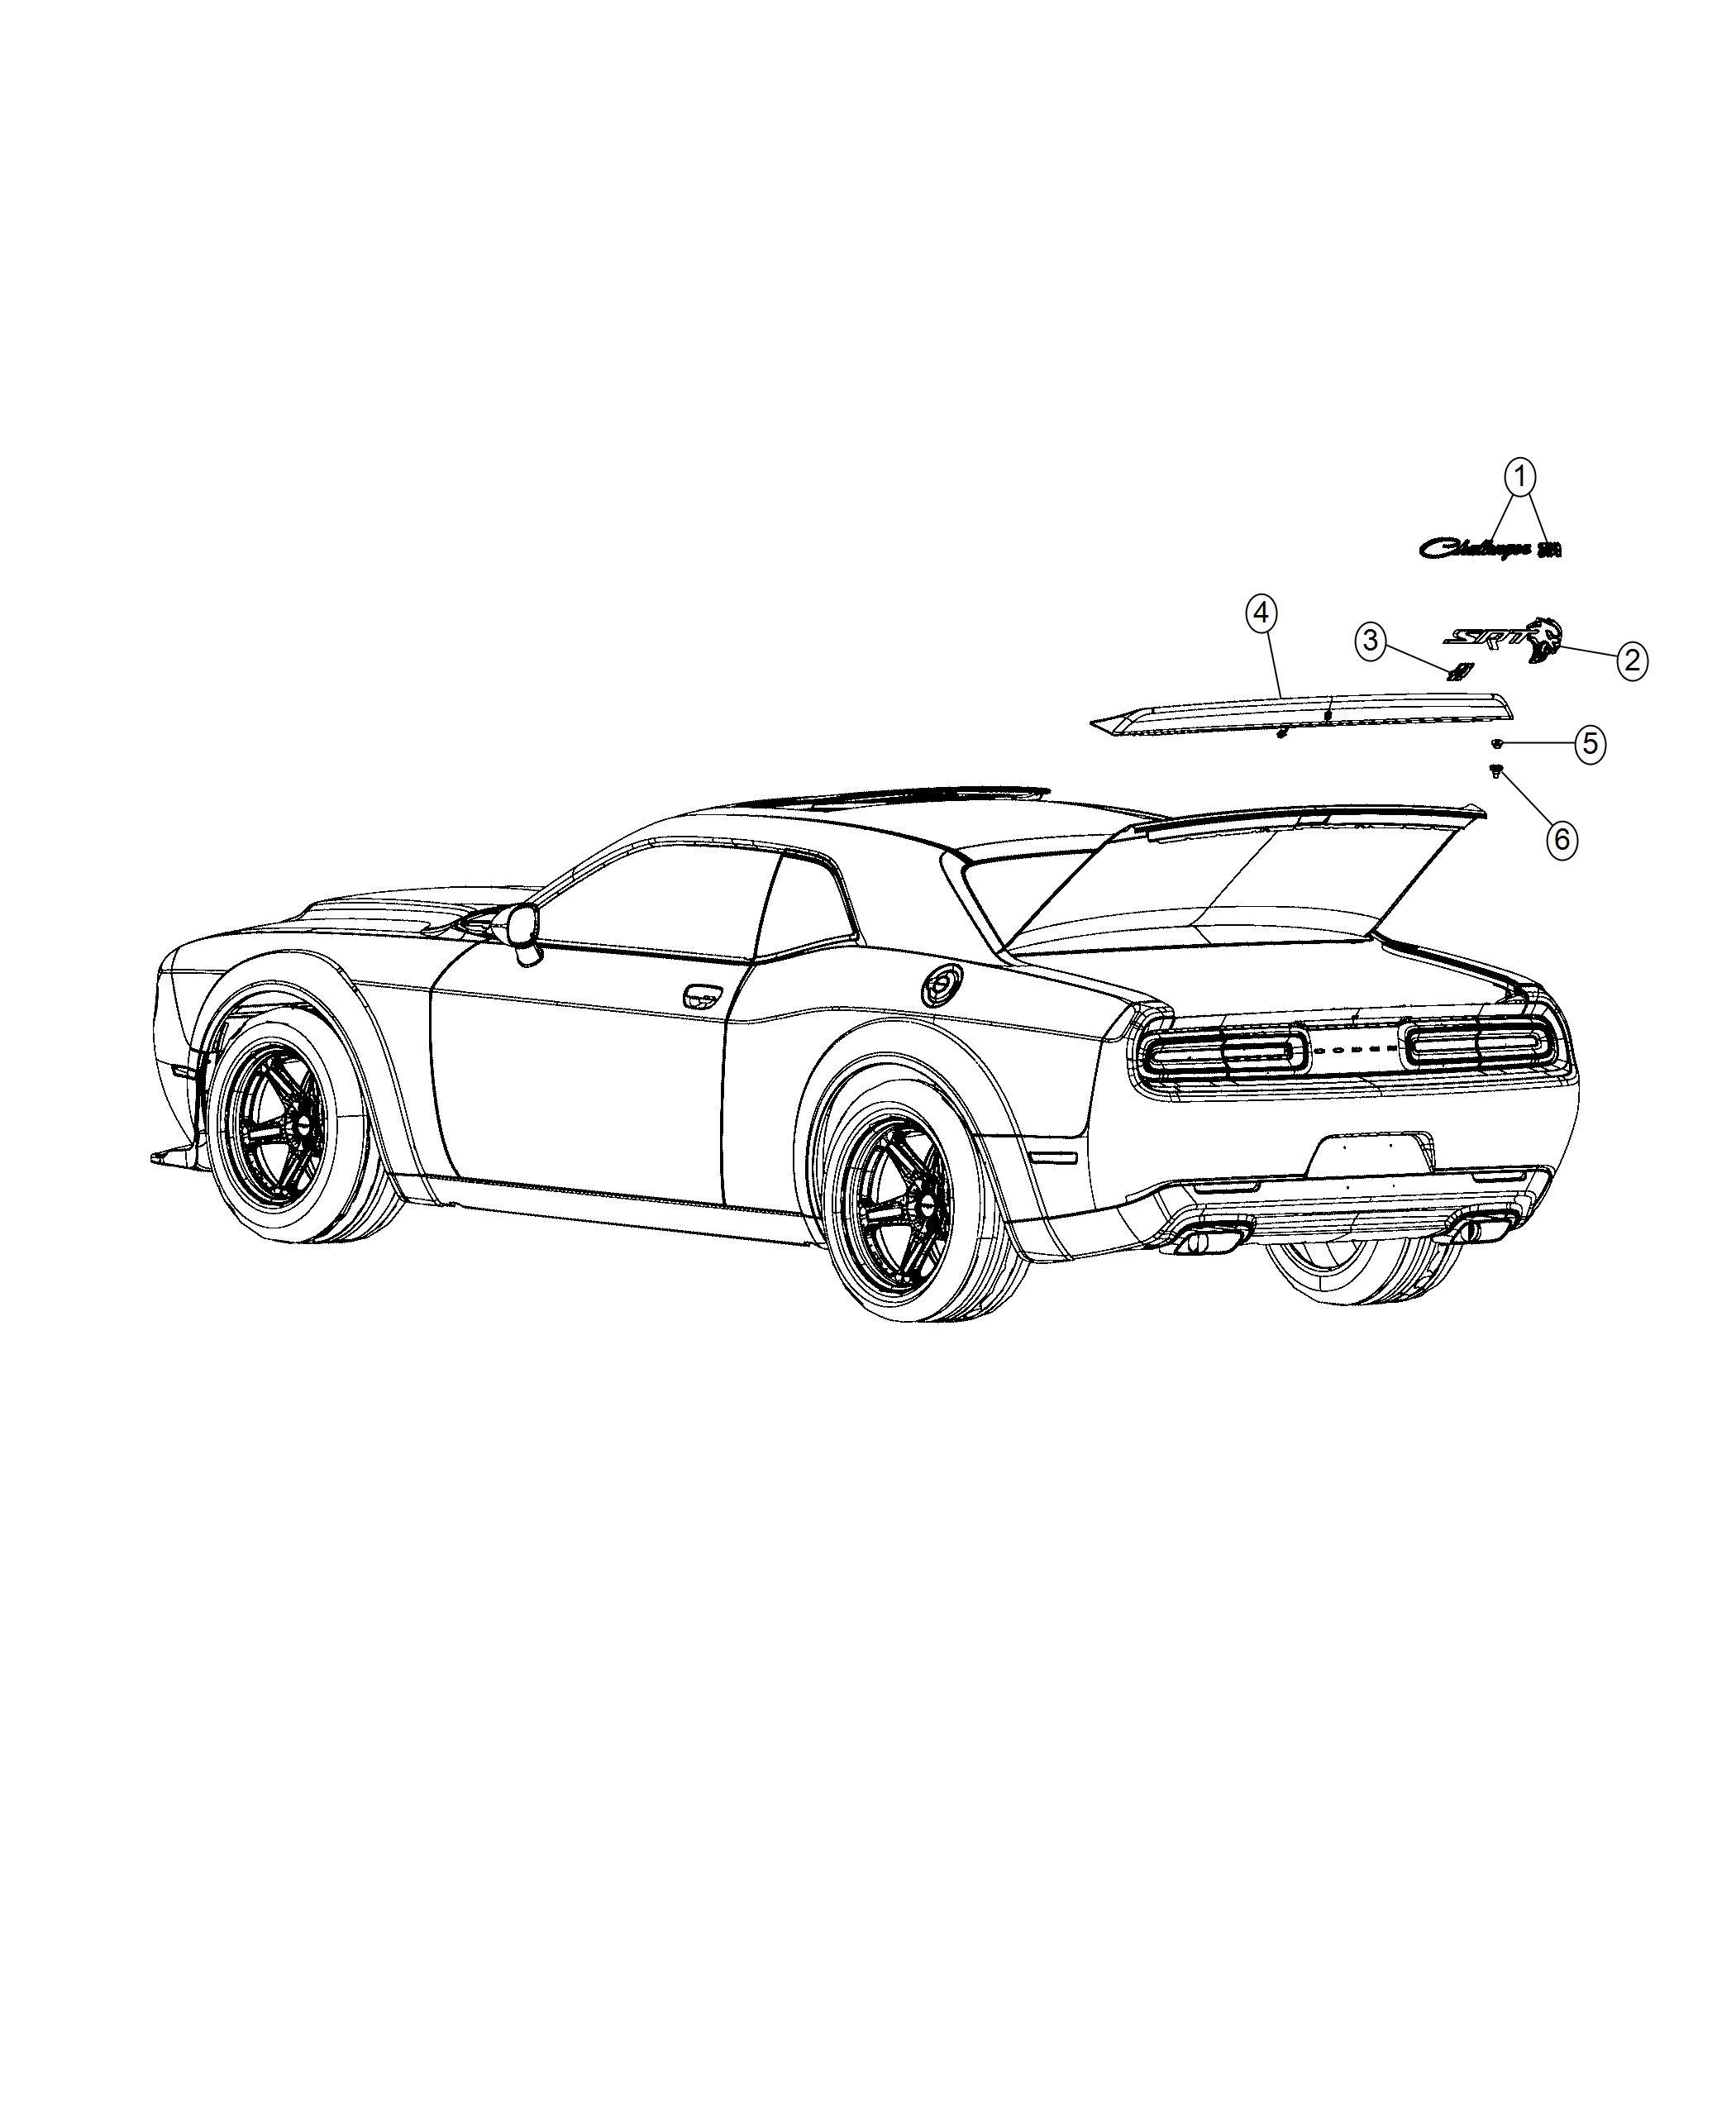 Dodge Challenger Nameplate Srt Hellcat Satin Black Rear